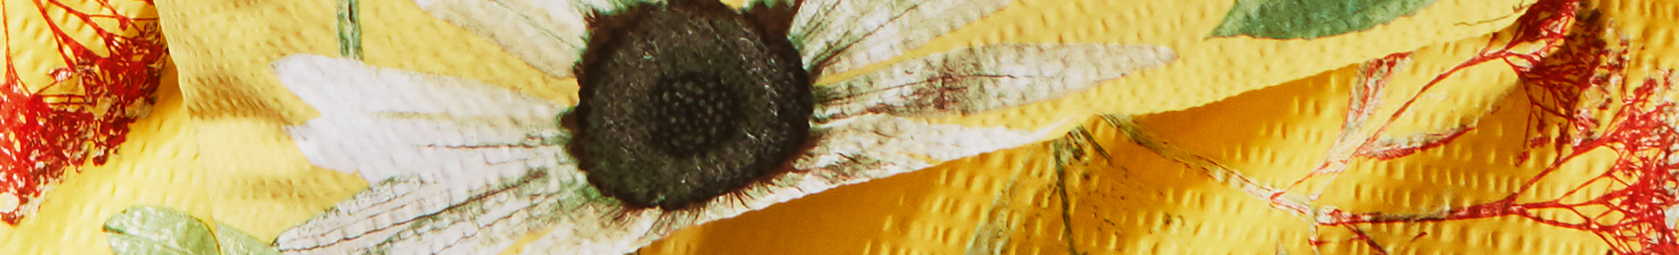 Seersucker Bettwäsche fleuresse